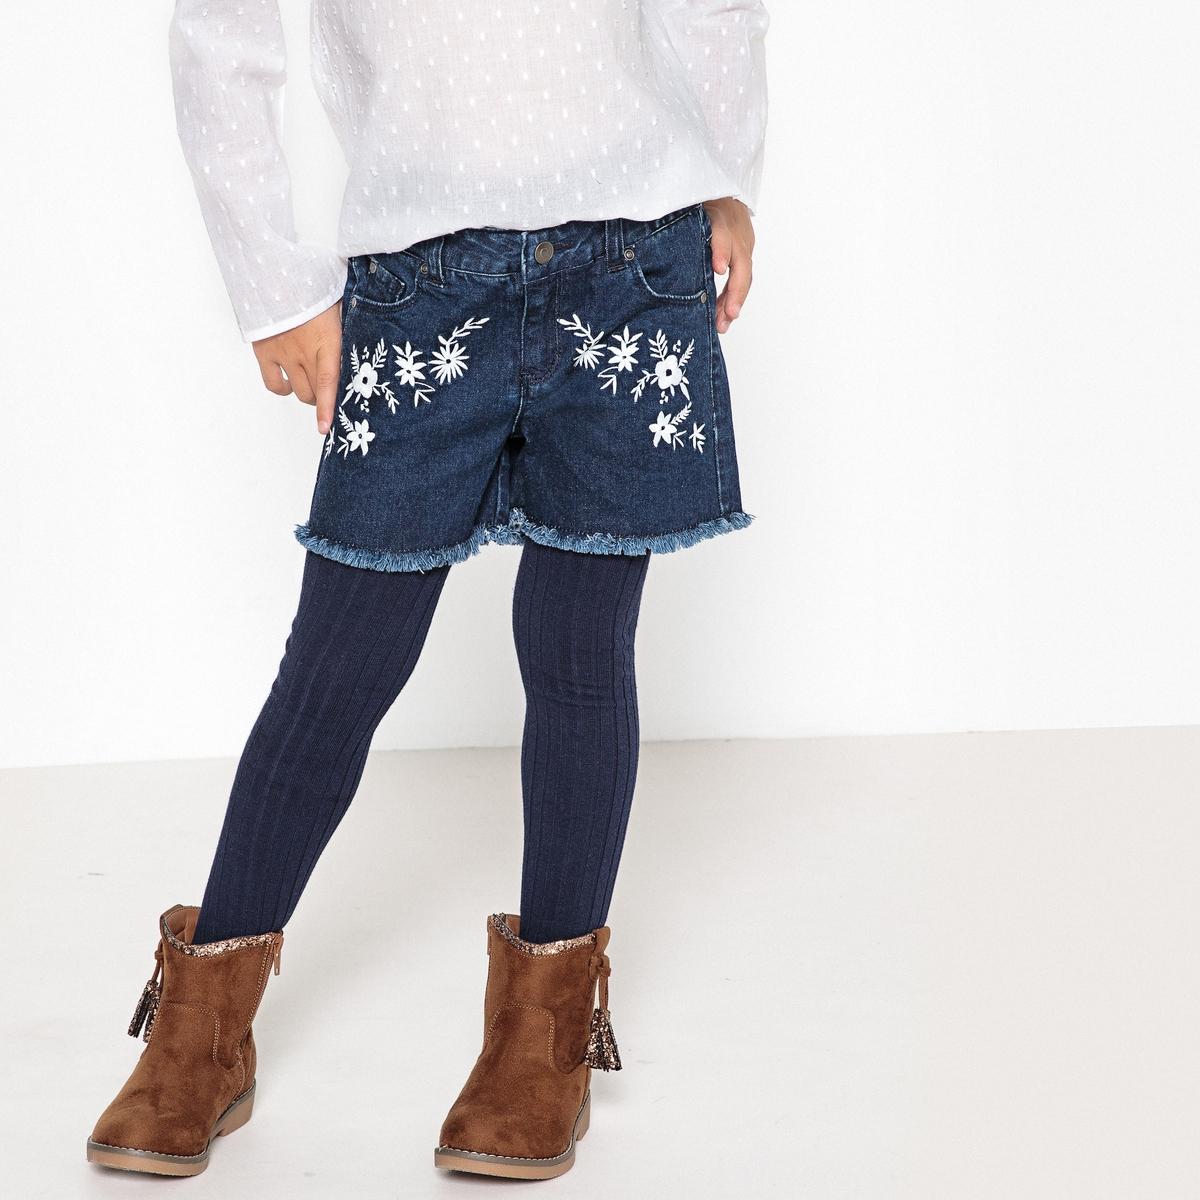 Шорты из денима с вышивкой 3-12 лет джинсы скинни с вышивкой 3 12 лет